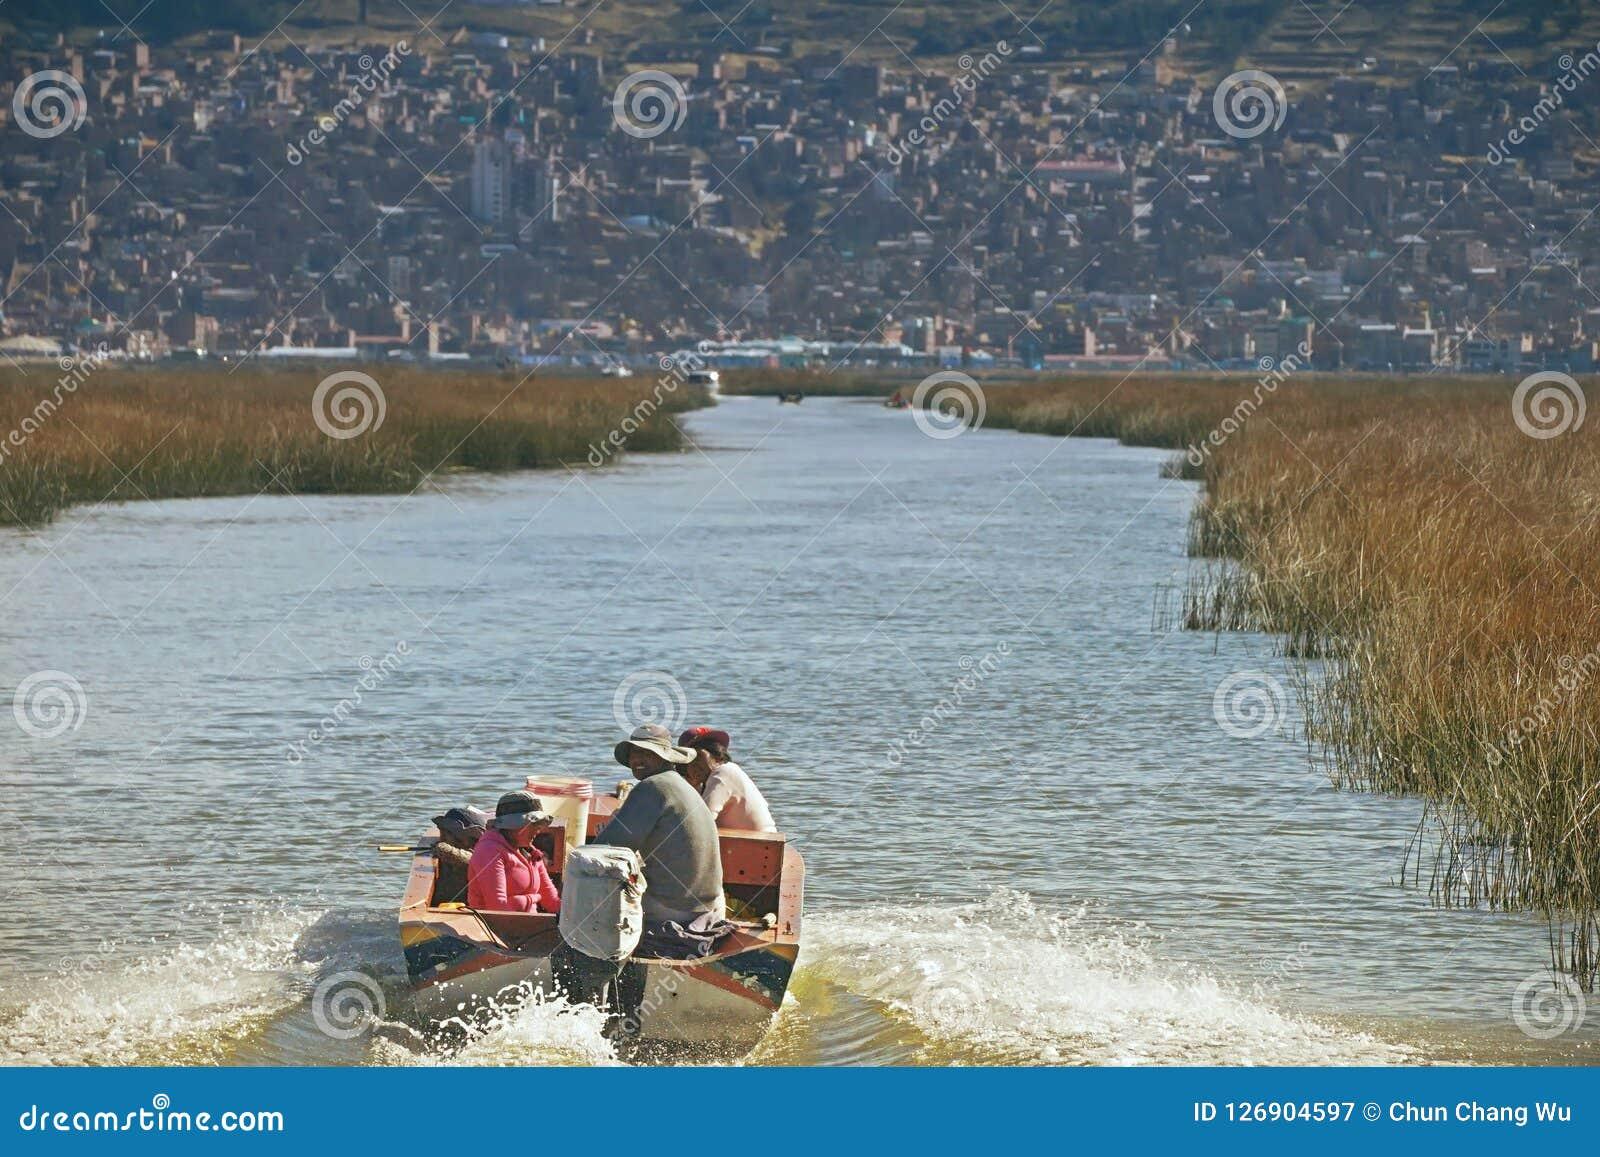 Озеро Titicaca, Перу - 17-ое августа 2018: Семья peruvian плавает на озере Titicaca, большом, глубоком озере в Андах на границе